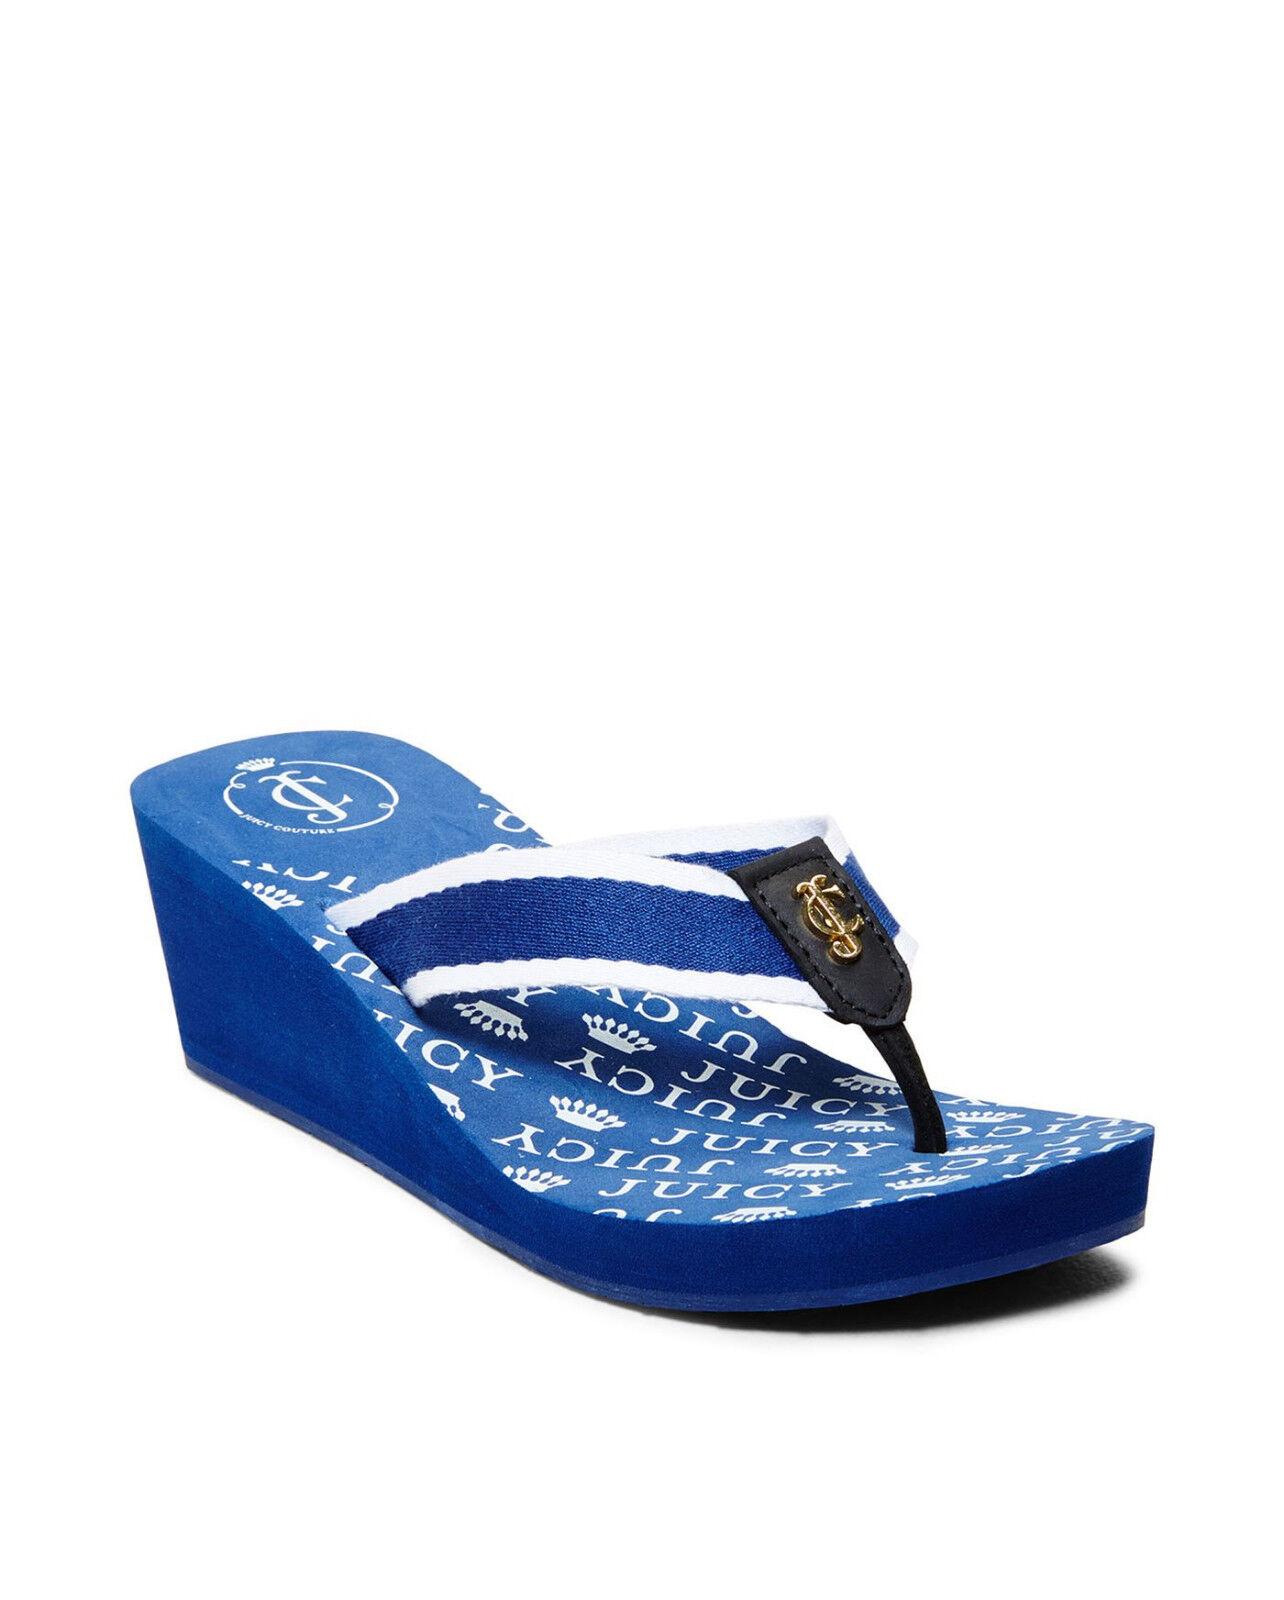 Juicy Couture Regal Azul Cuña Sandalias Flip con con con Cierre magnético de Christy  69.00 Talla 10 BNWT  sorteos de estadio